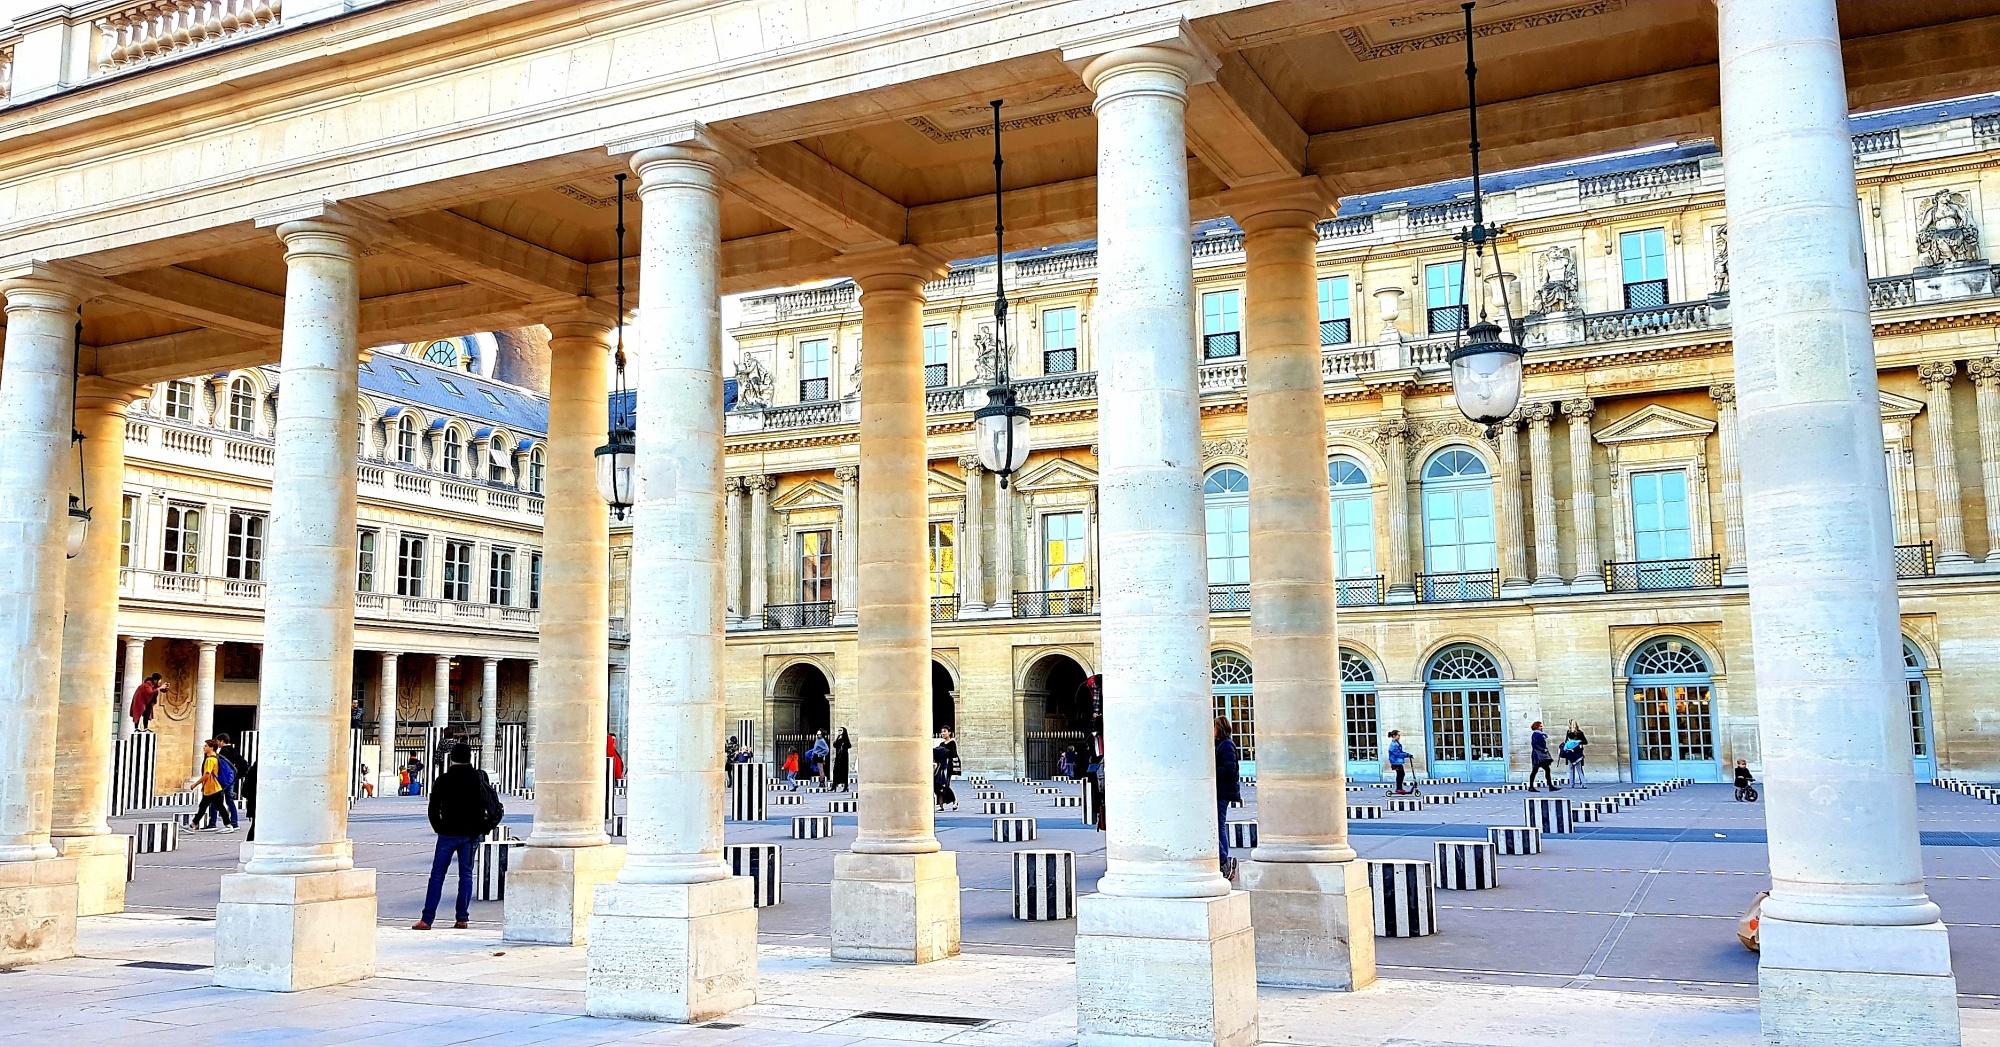 Palais-Royal Paris France